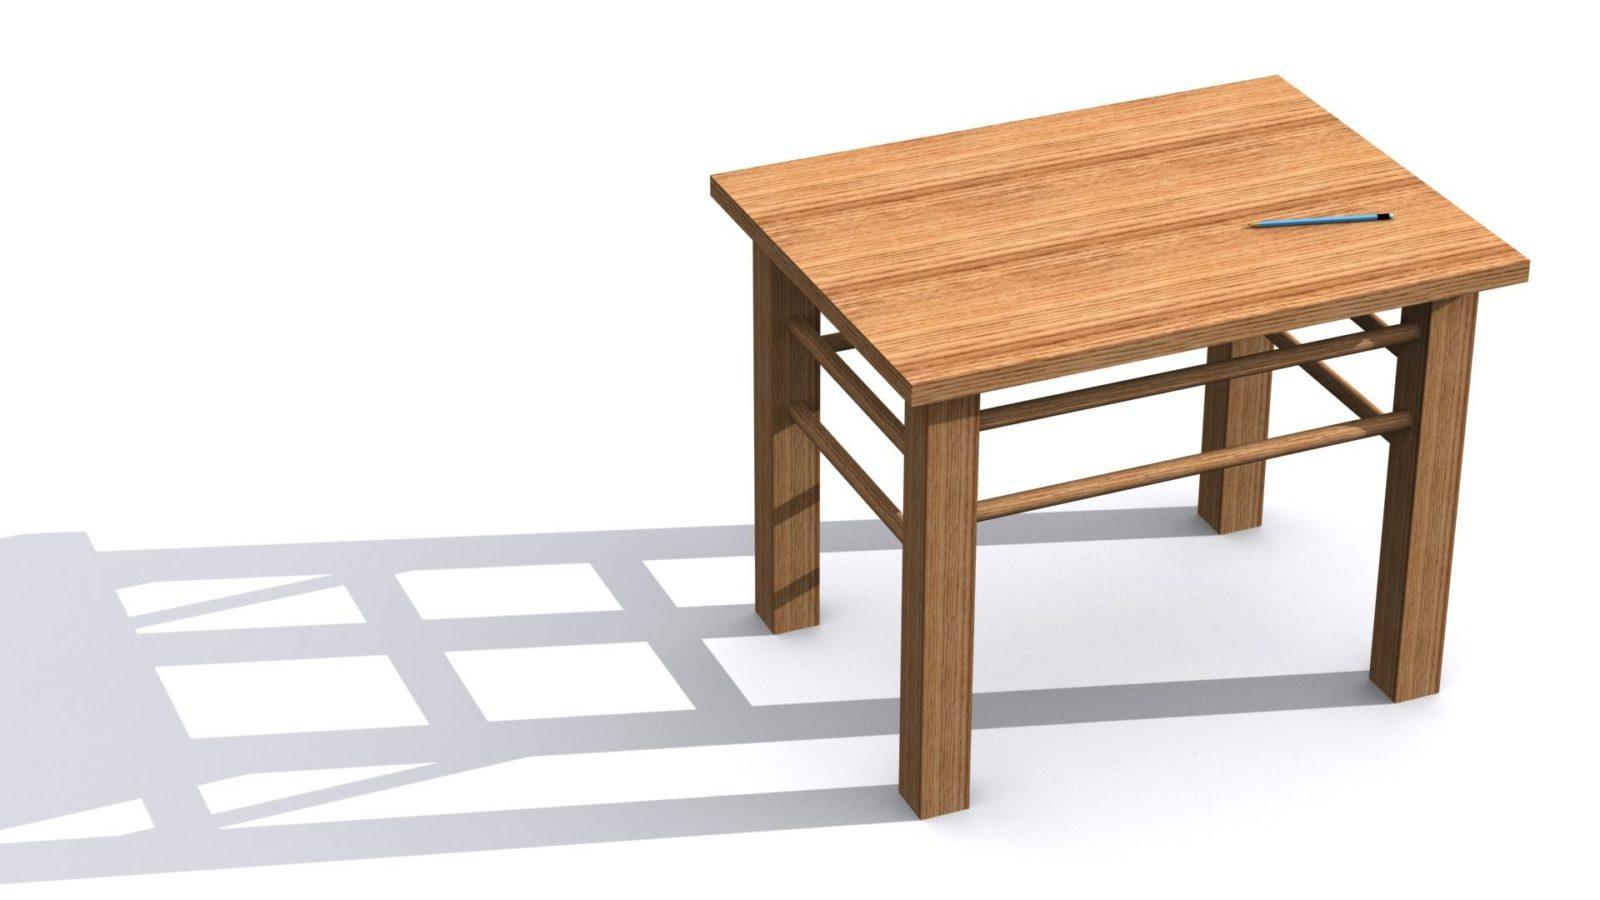 Der selbst gebaute Tisch aus Holz